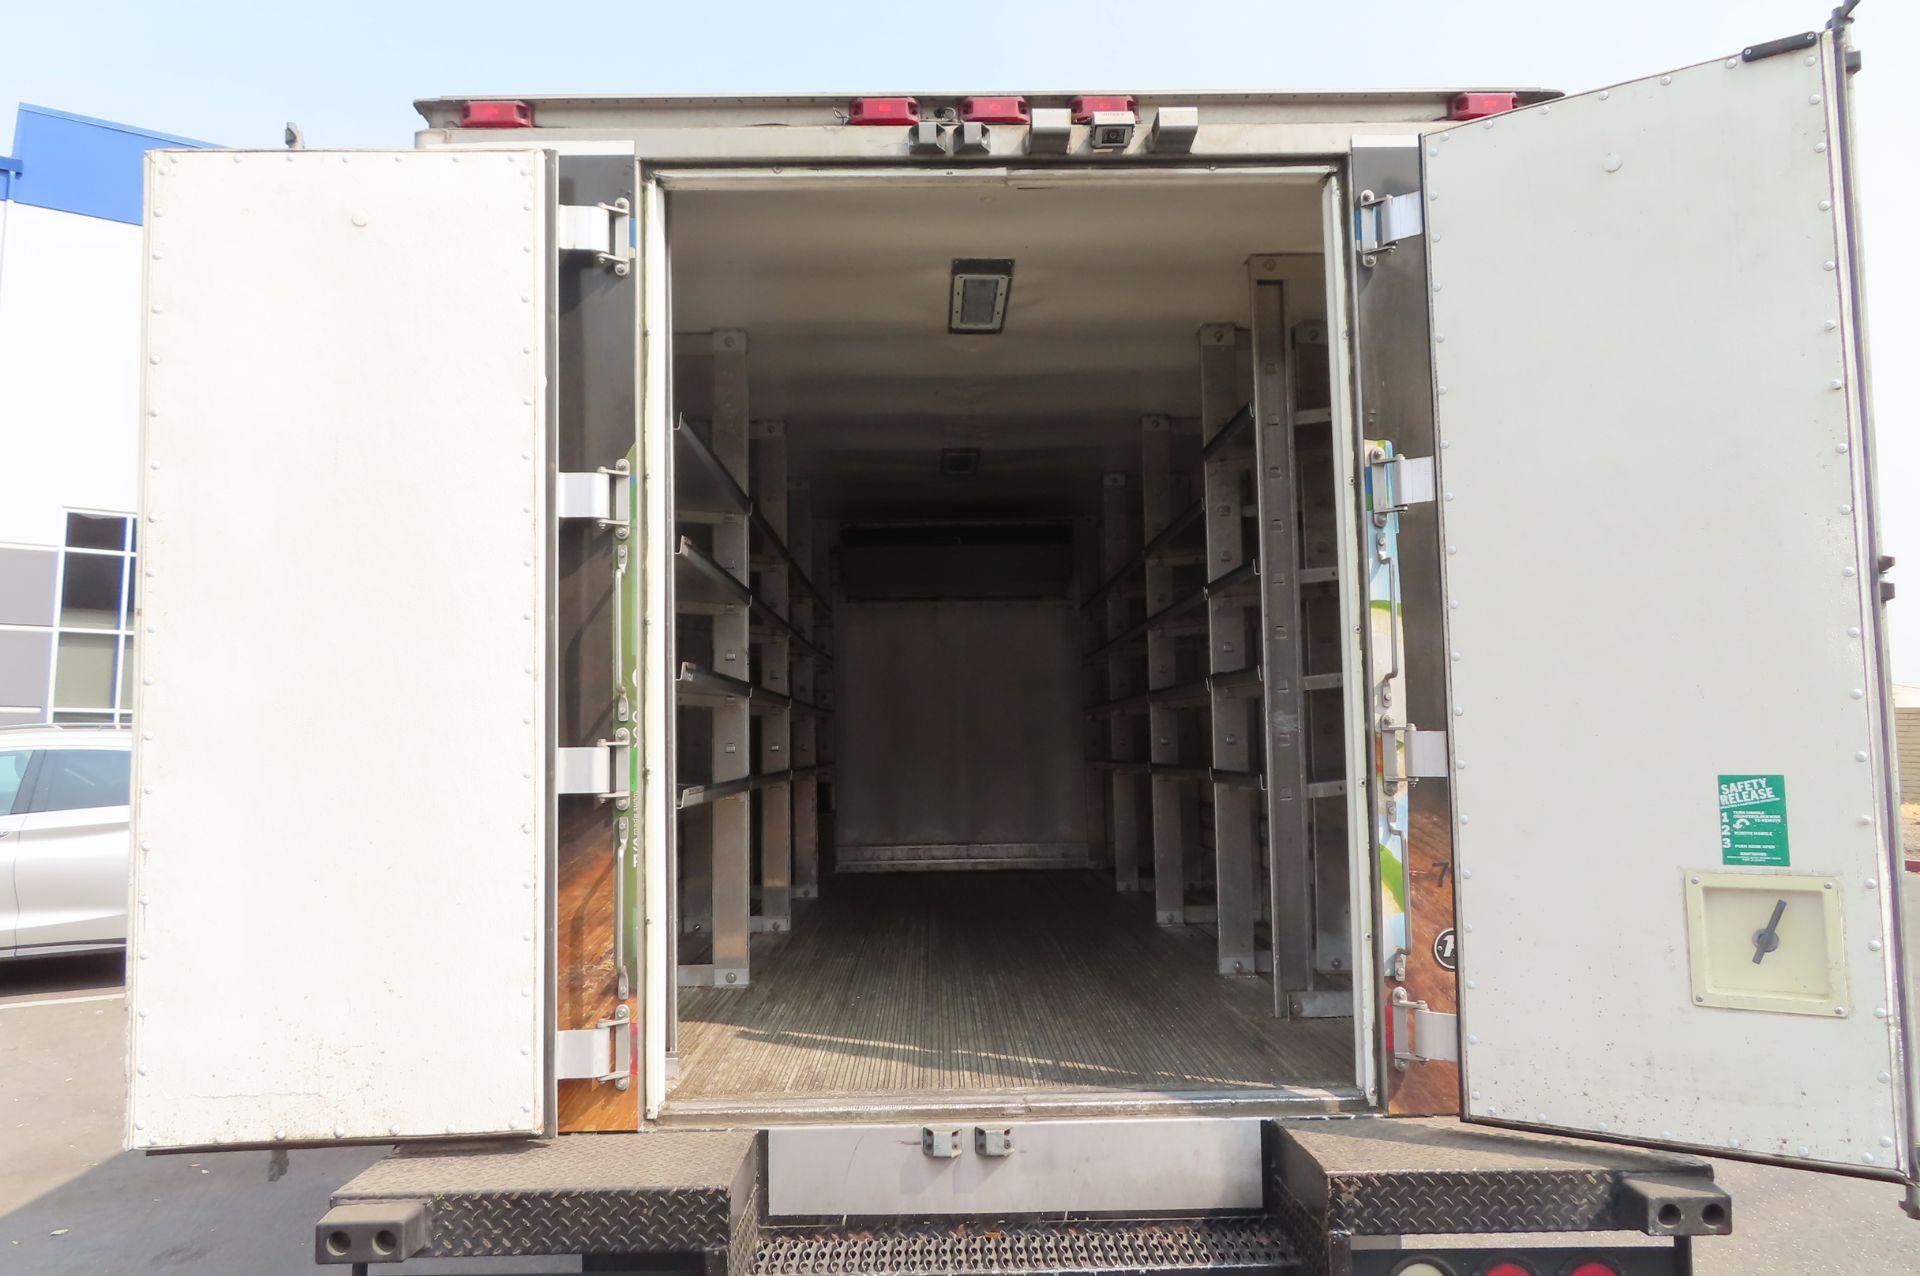 2012 Isuzu refrigerated truck - Image 5 of 10